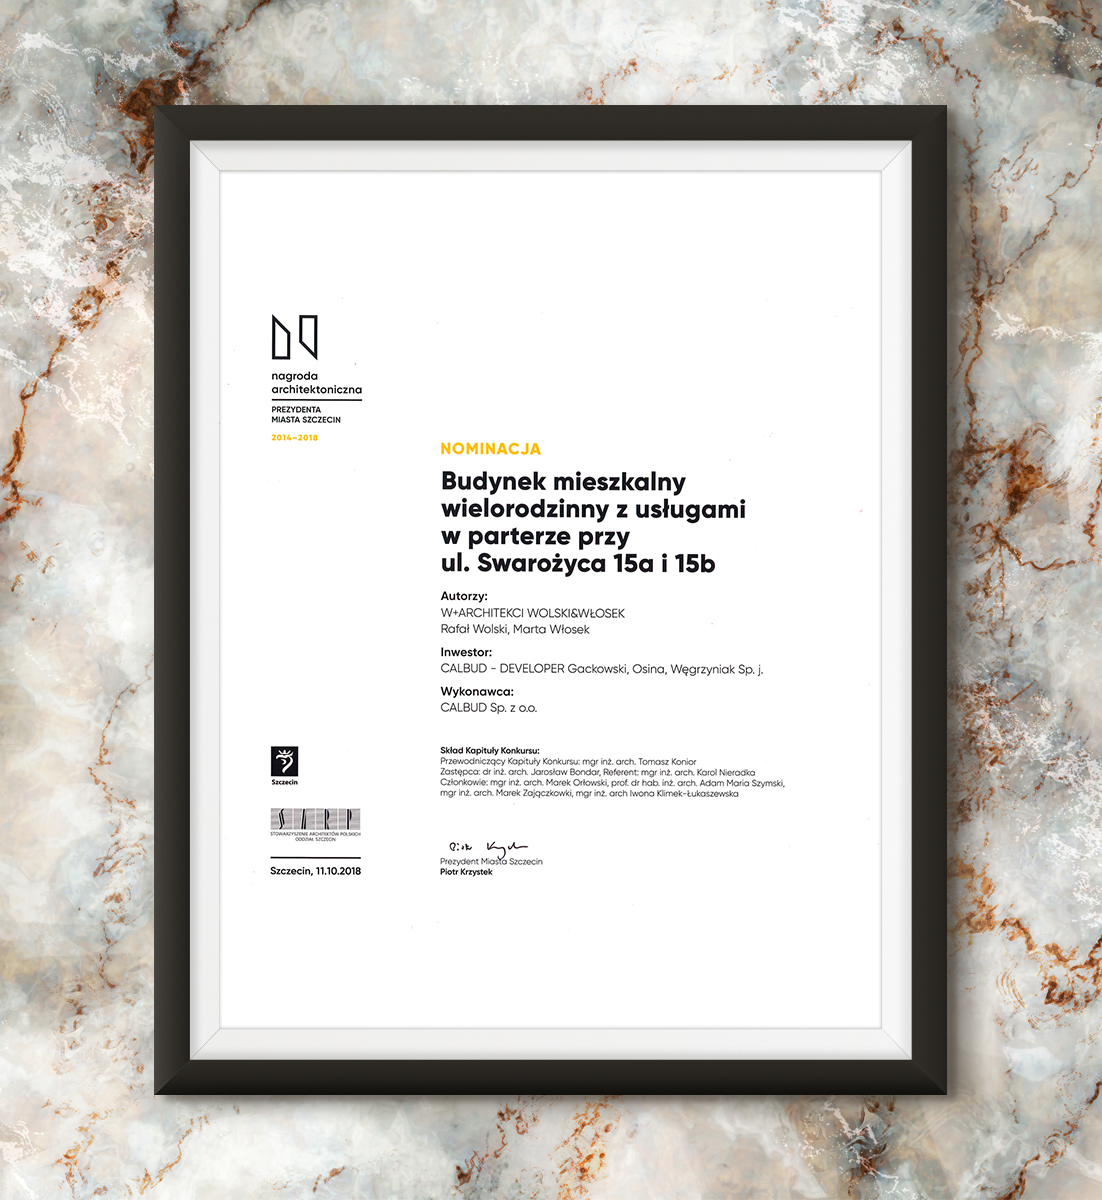 Nagroda Architektoniczna Prezydenta Miasta Szczecin 2014-2018 - Kamienica Vossa